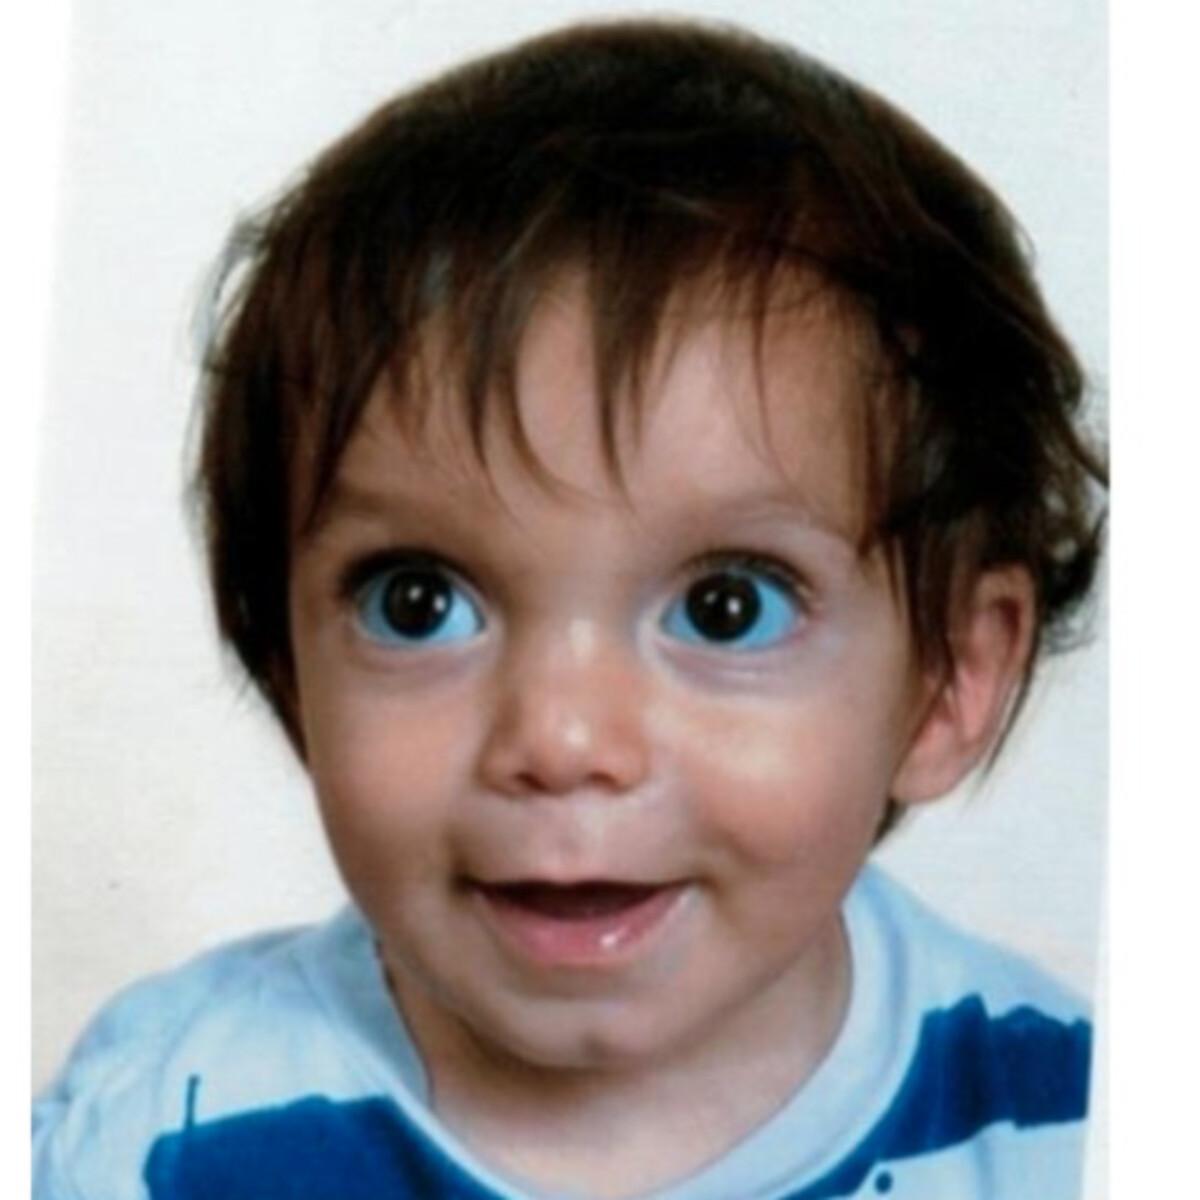 Nicola Tanturli, il bimbo di due anni scomparso nel nulla